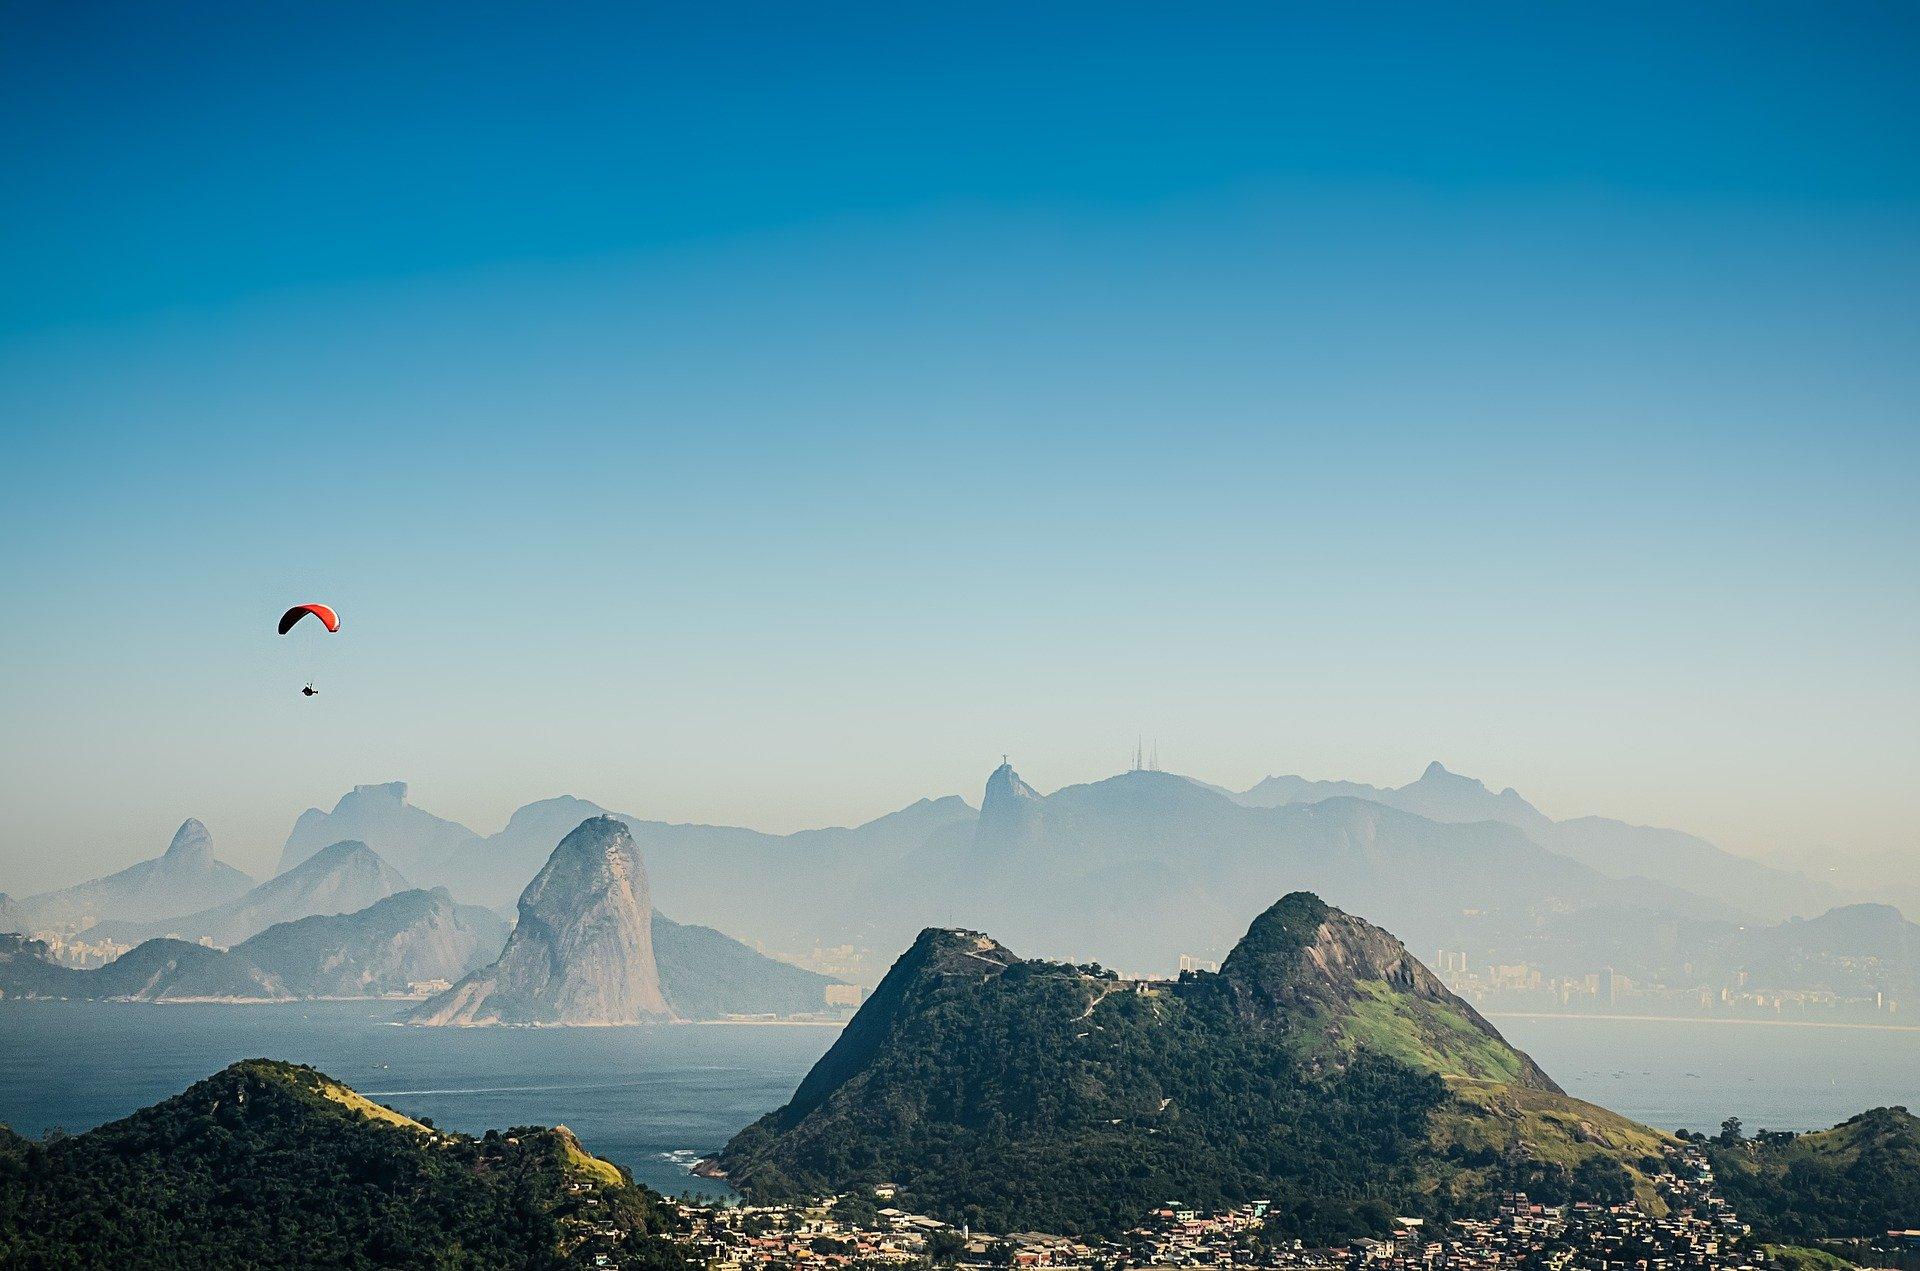 Rio de Janeiro au Brésil avec le Corcovado en arrière plan